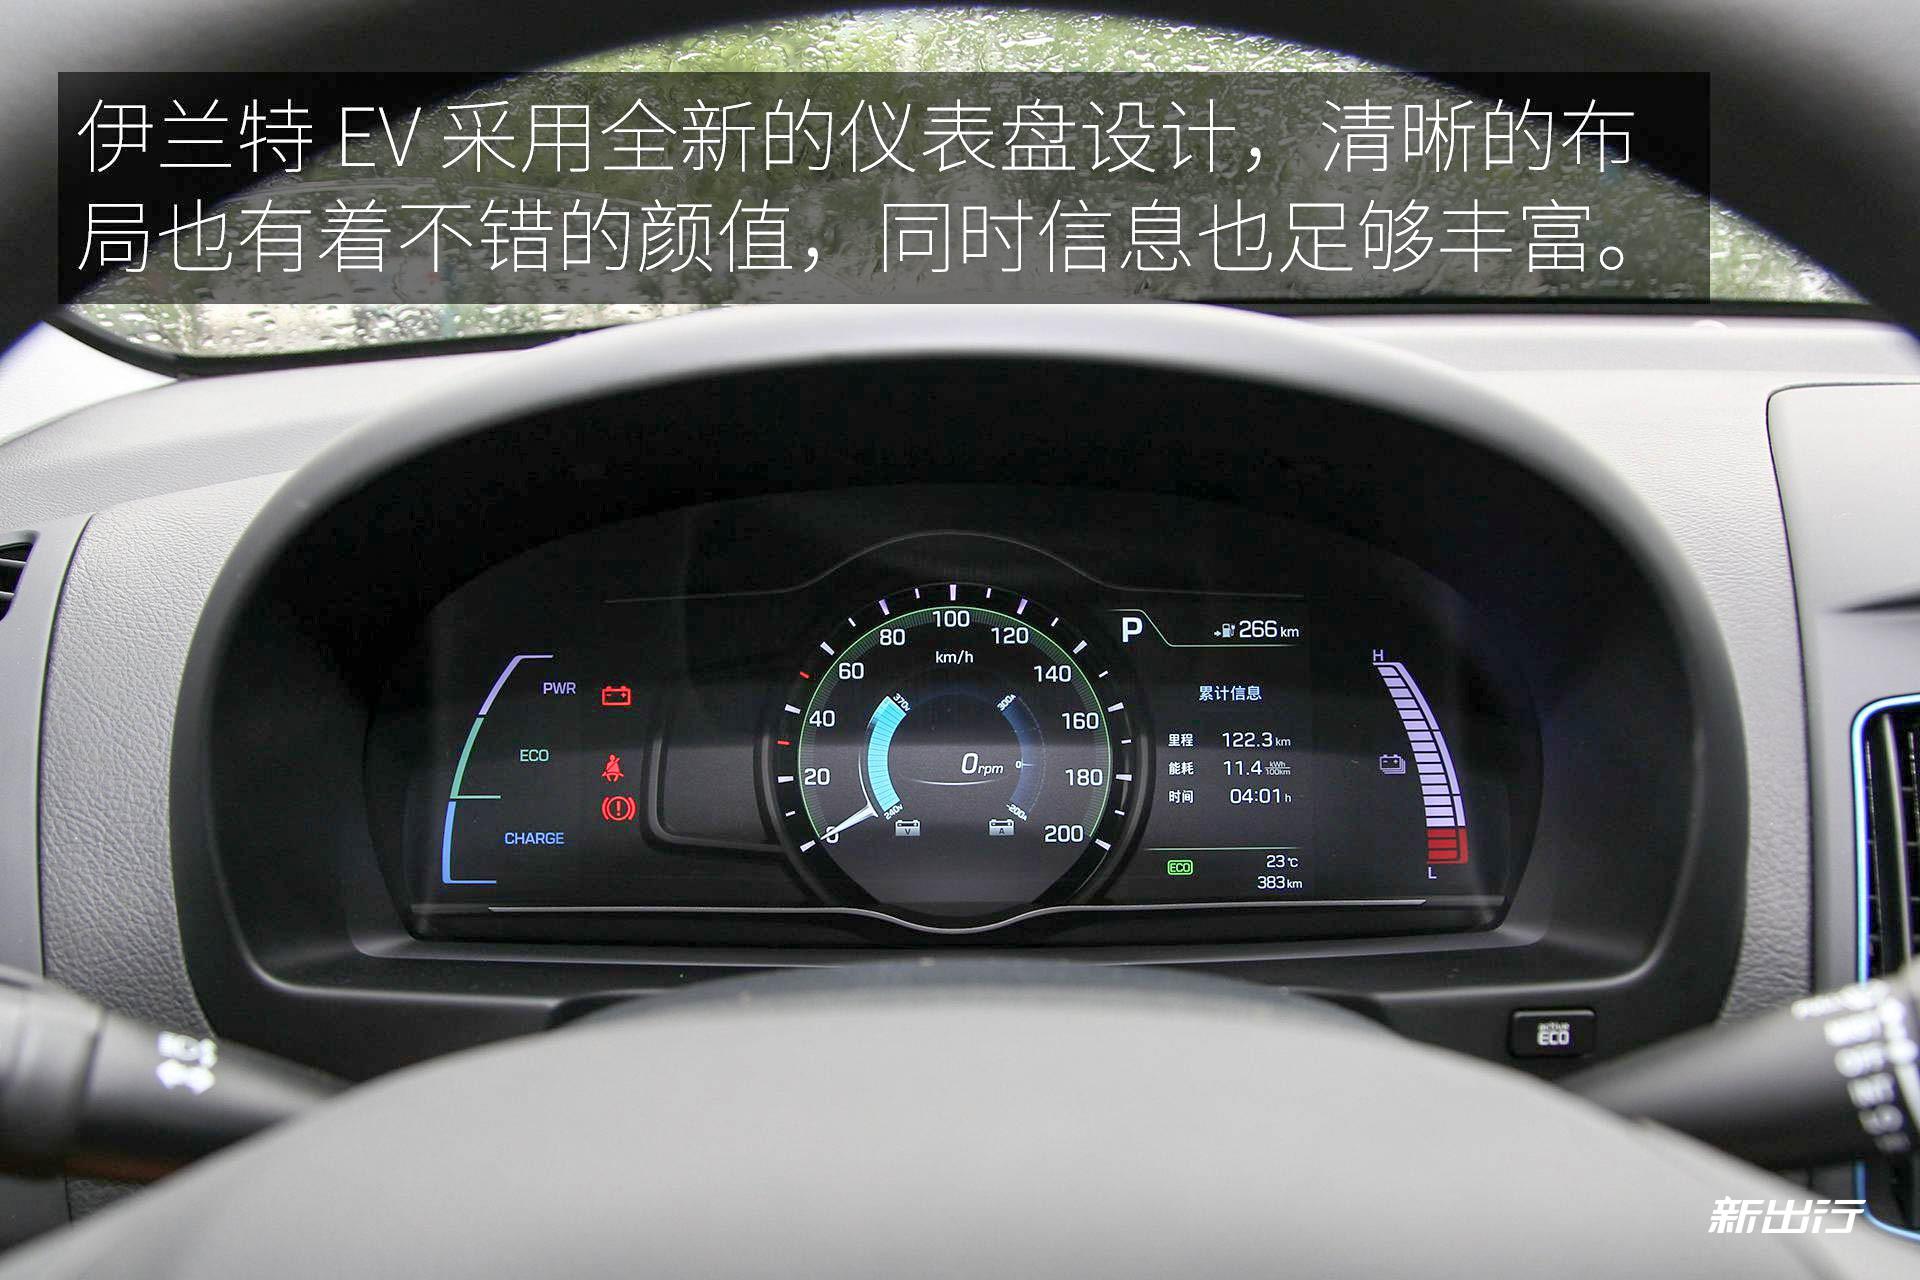 从汽油版本进化而来的电动汽车当然需要全新的仪表盘设计,而伊兰特